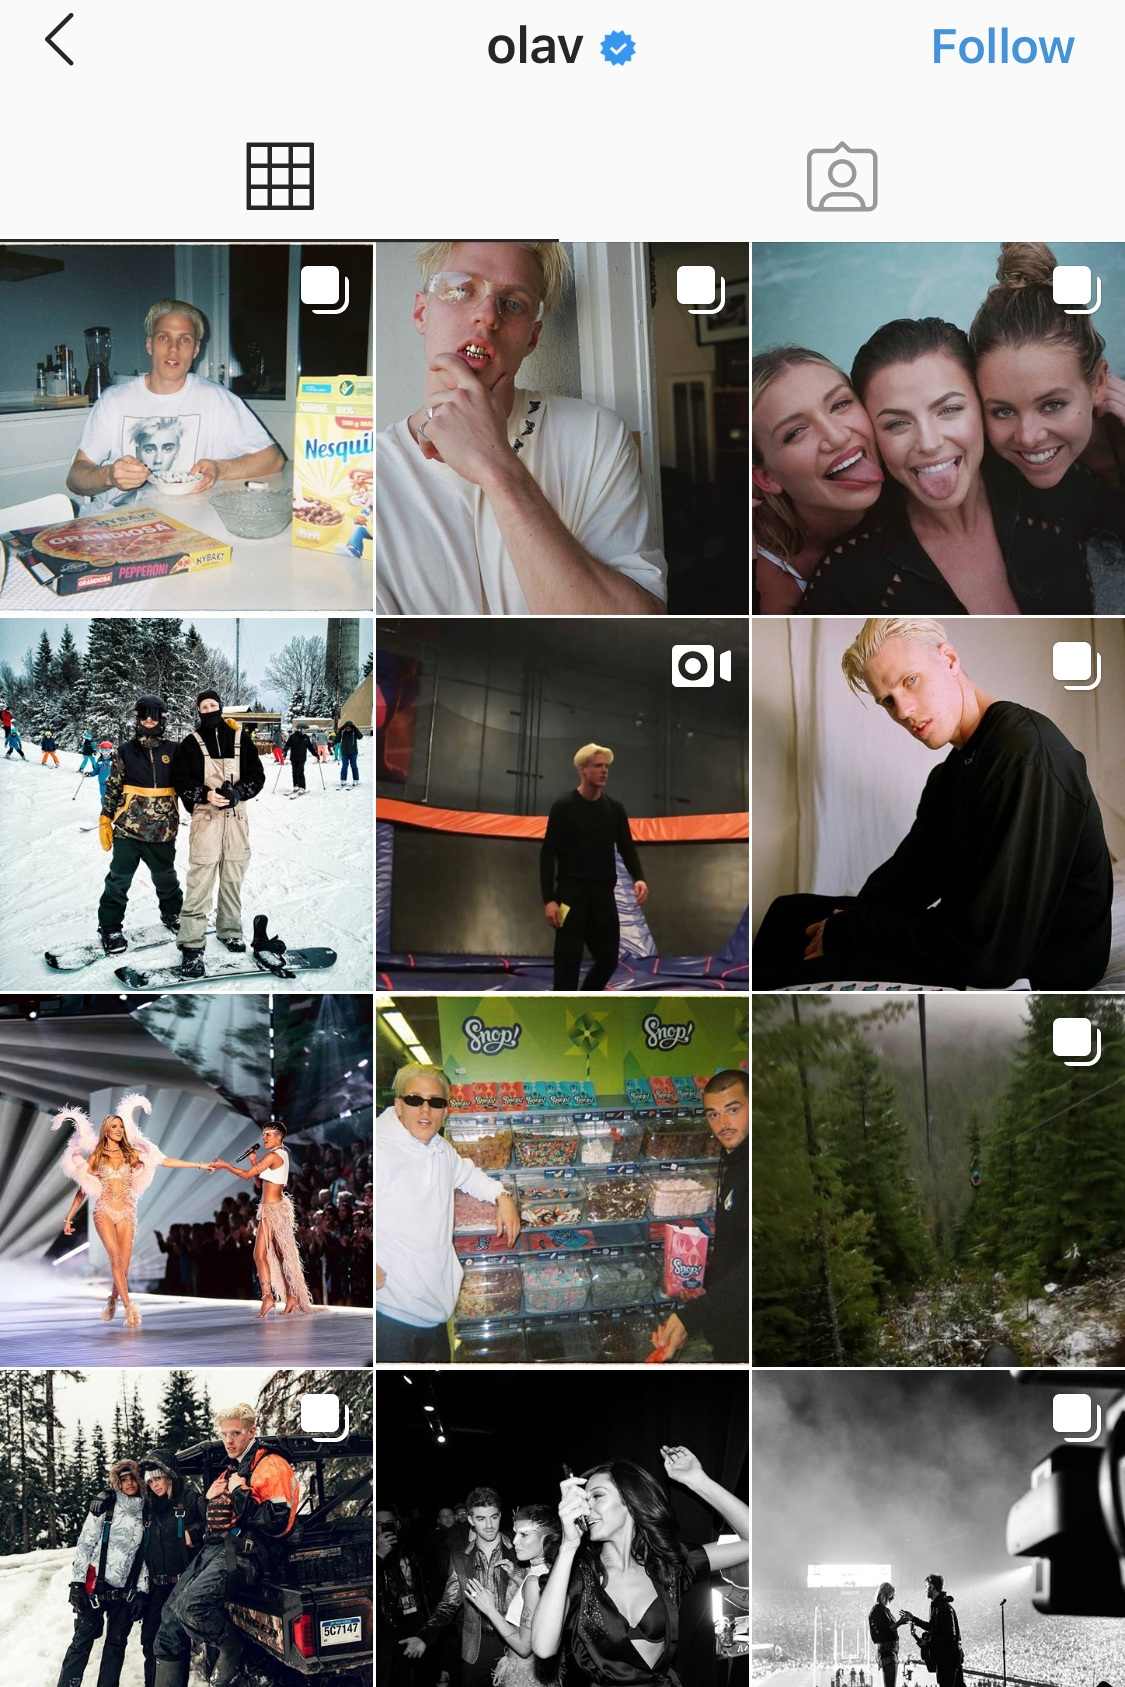 Nordic-Streetwear-Instagram-Olav.2.jpg